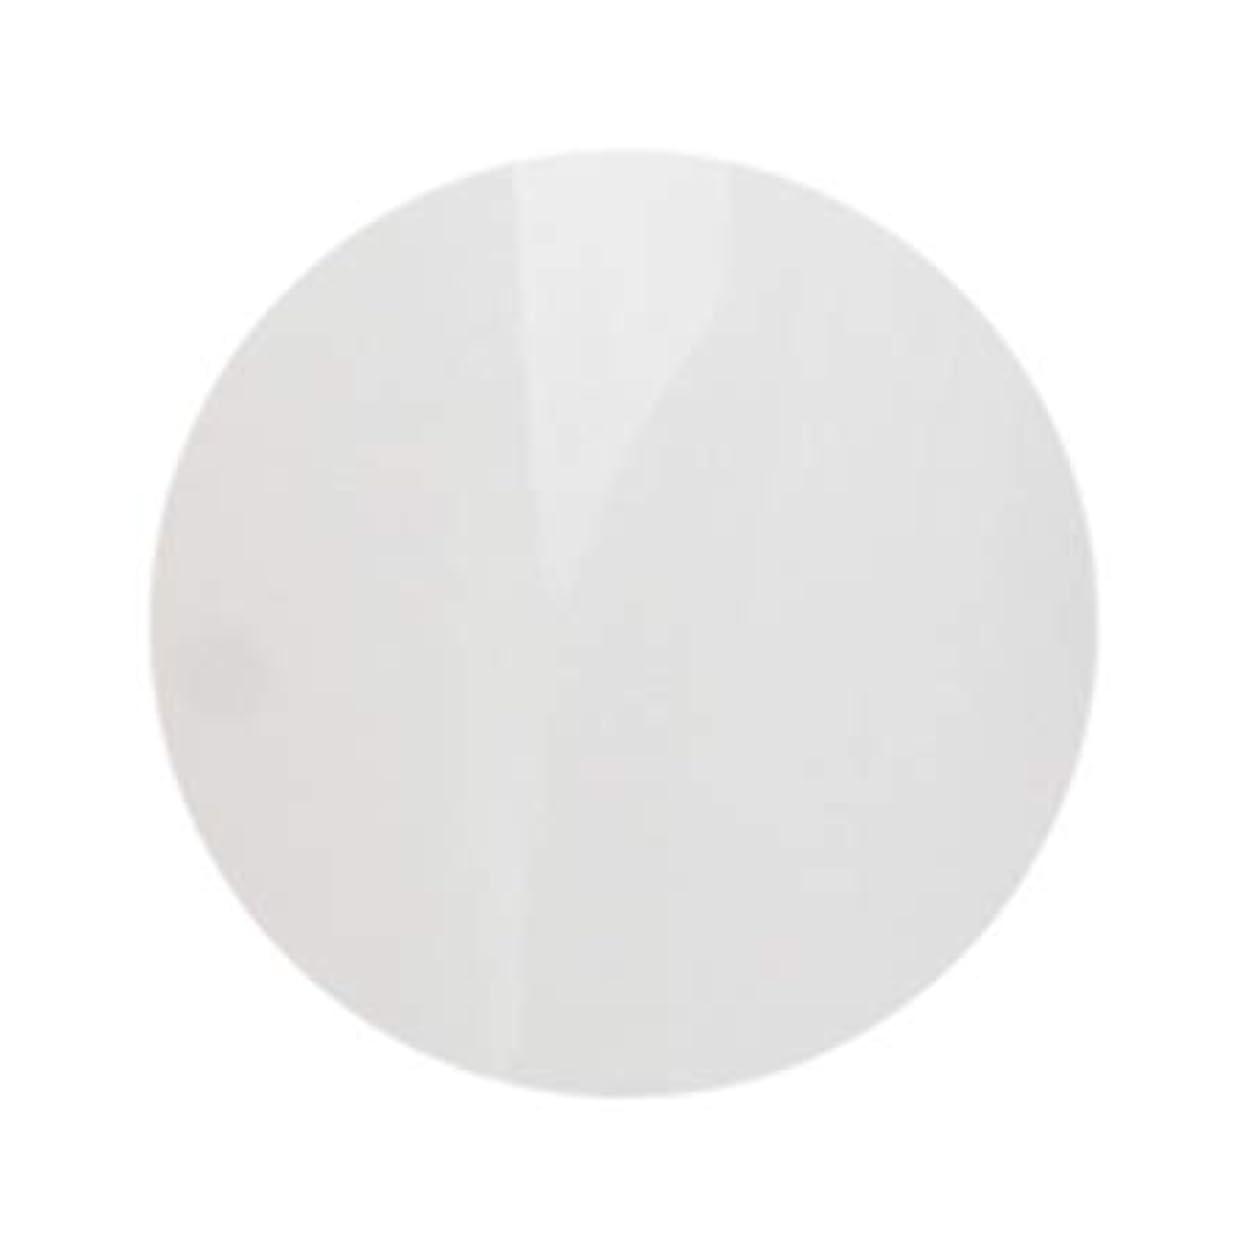 実行する融合限界Putiel プティール カラージェル 268 ココナッツブラン 4g (西山麻耶プロデュース)